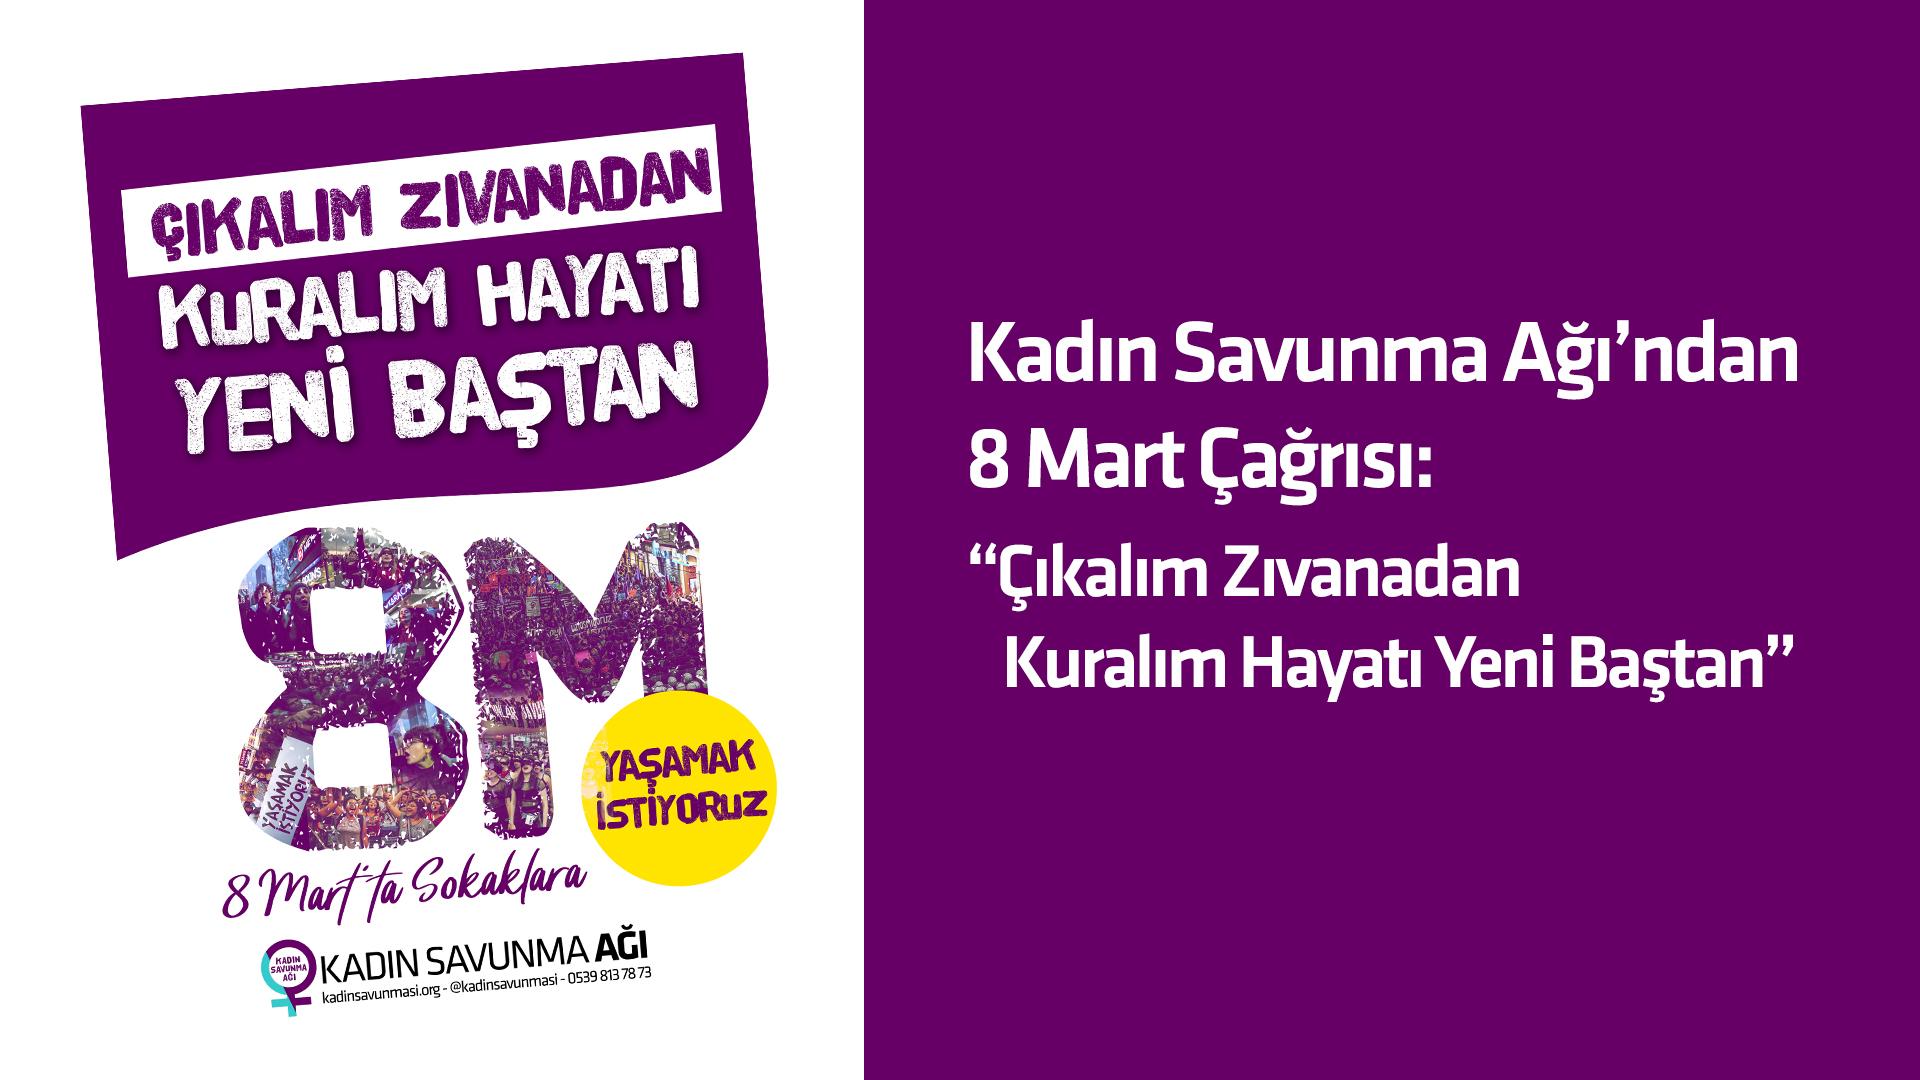 """Kadın Savunma Ağı'ndan 8 Mart Çağrısı: """"Çıkalım Zıvandan, Kuralım Hayatı Yeni Baştan"""""""